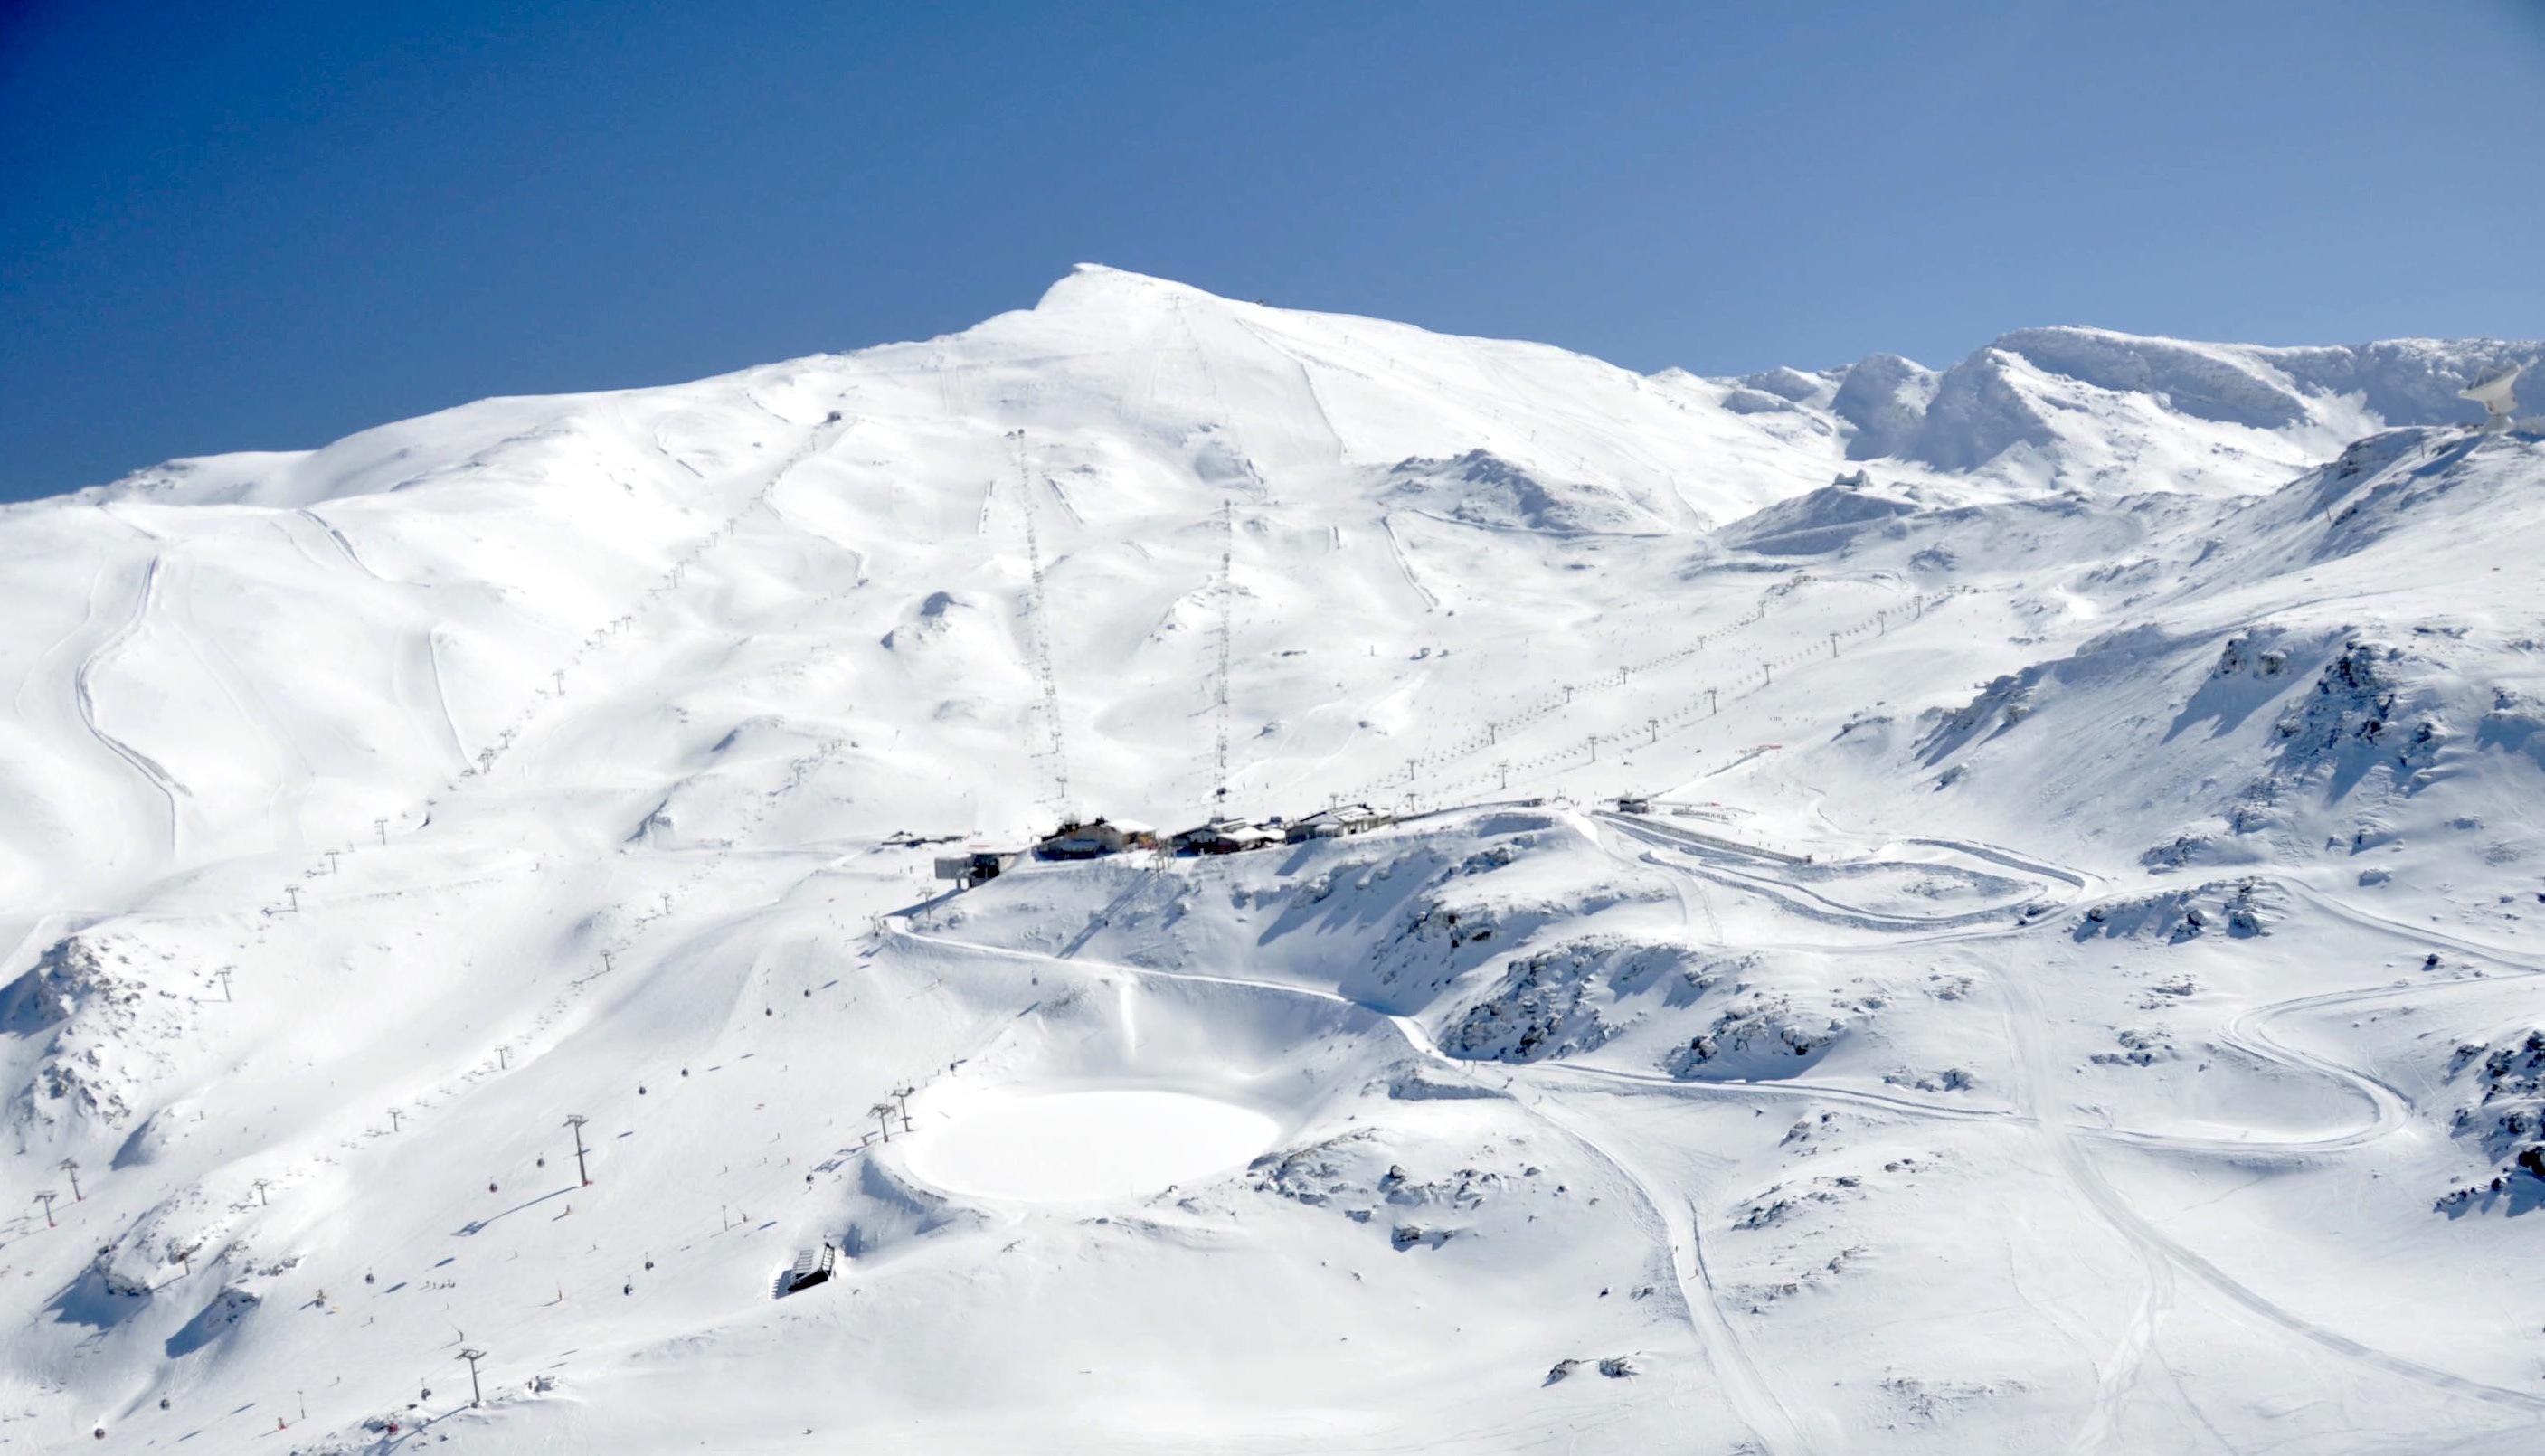 Imagen panorámica de Sierra Nevada